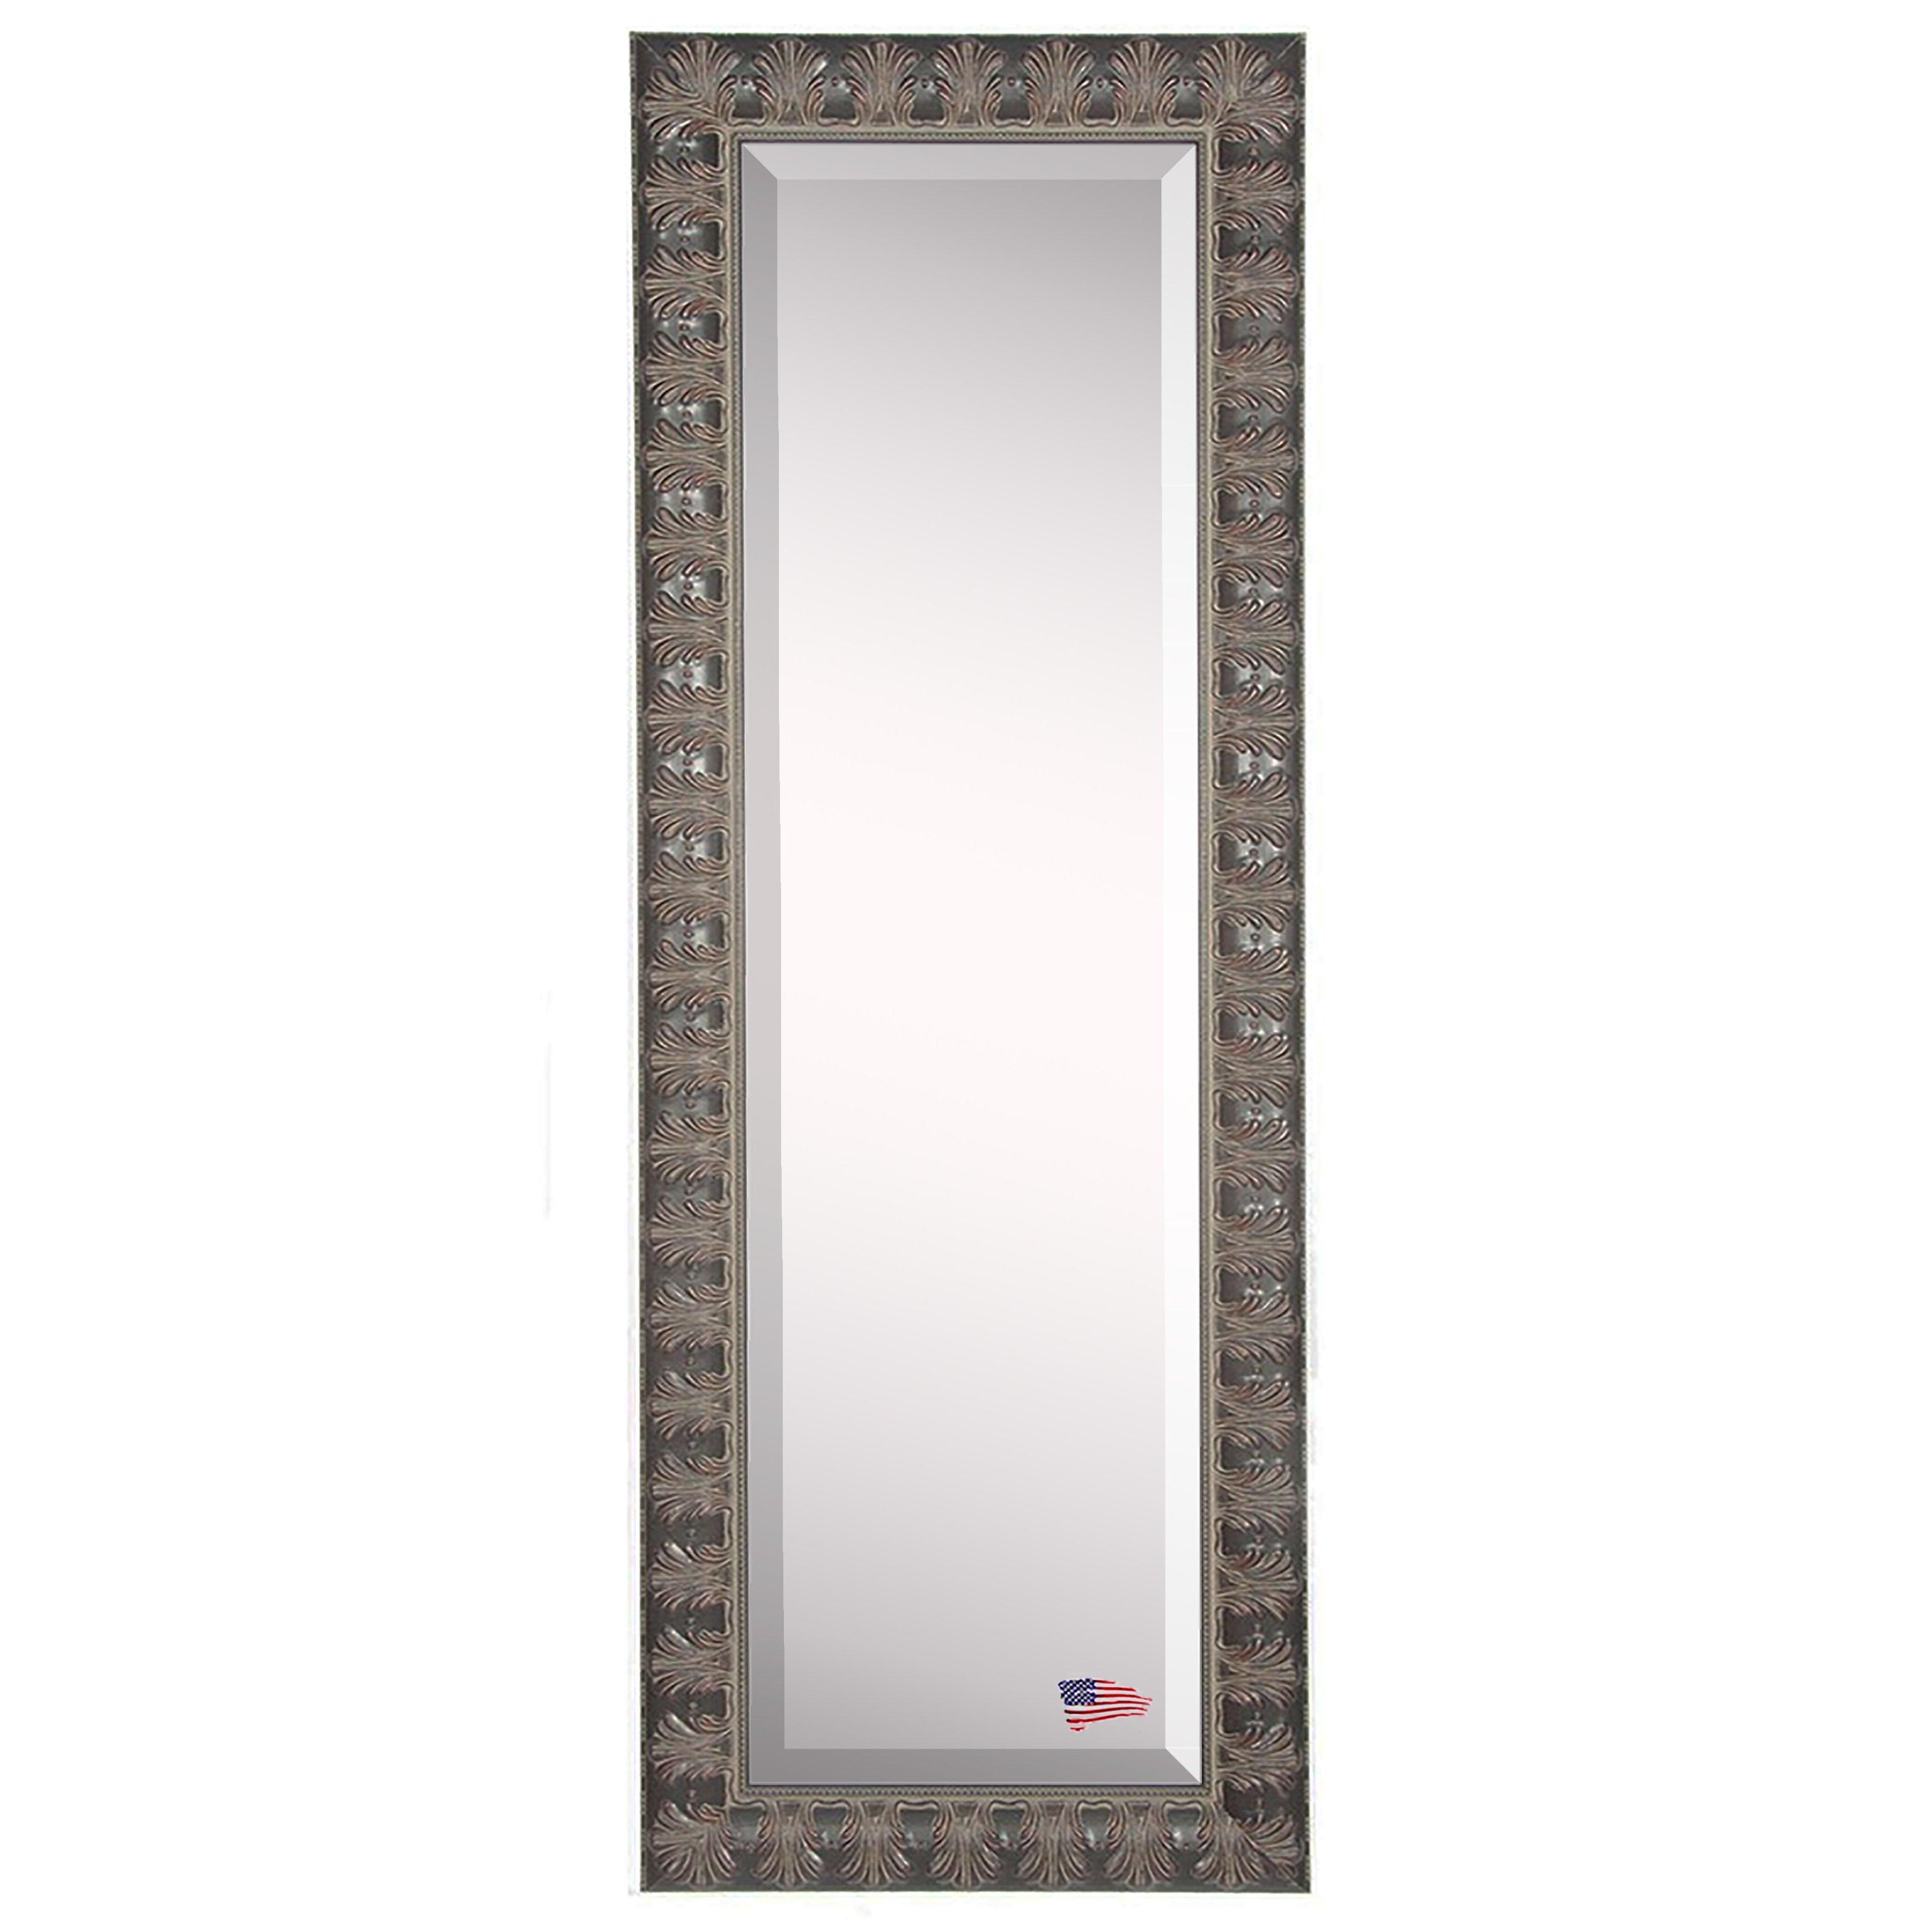 Rayne mirrors jovie jane mahogany feathered full length for Beveled mirror